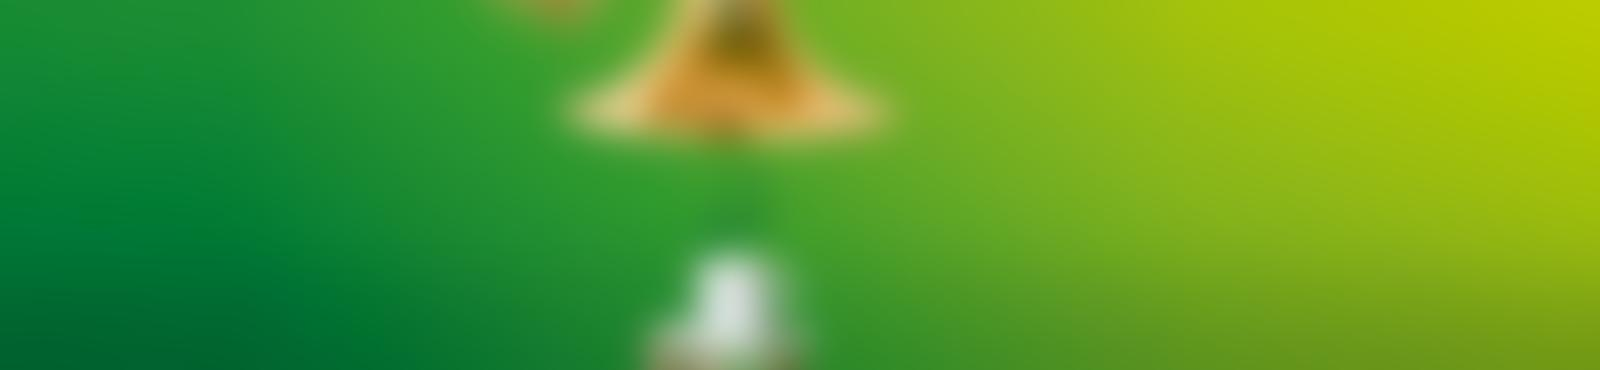 Blurred 9e8c251e 57e1 4e64 8e0e 700972adec9c